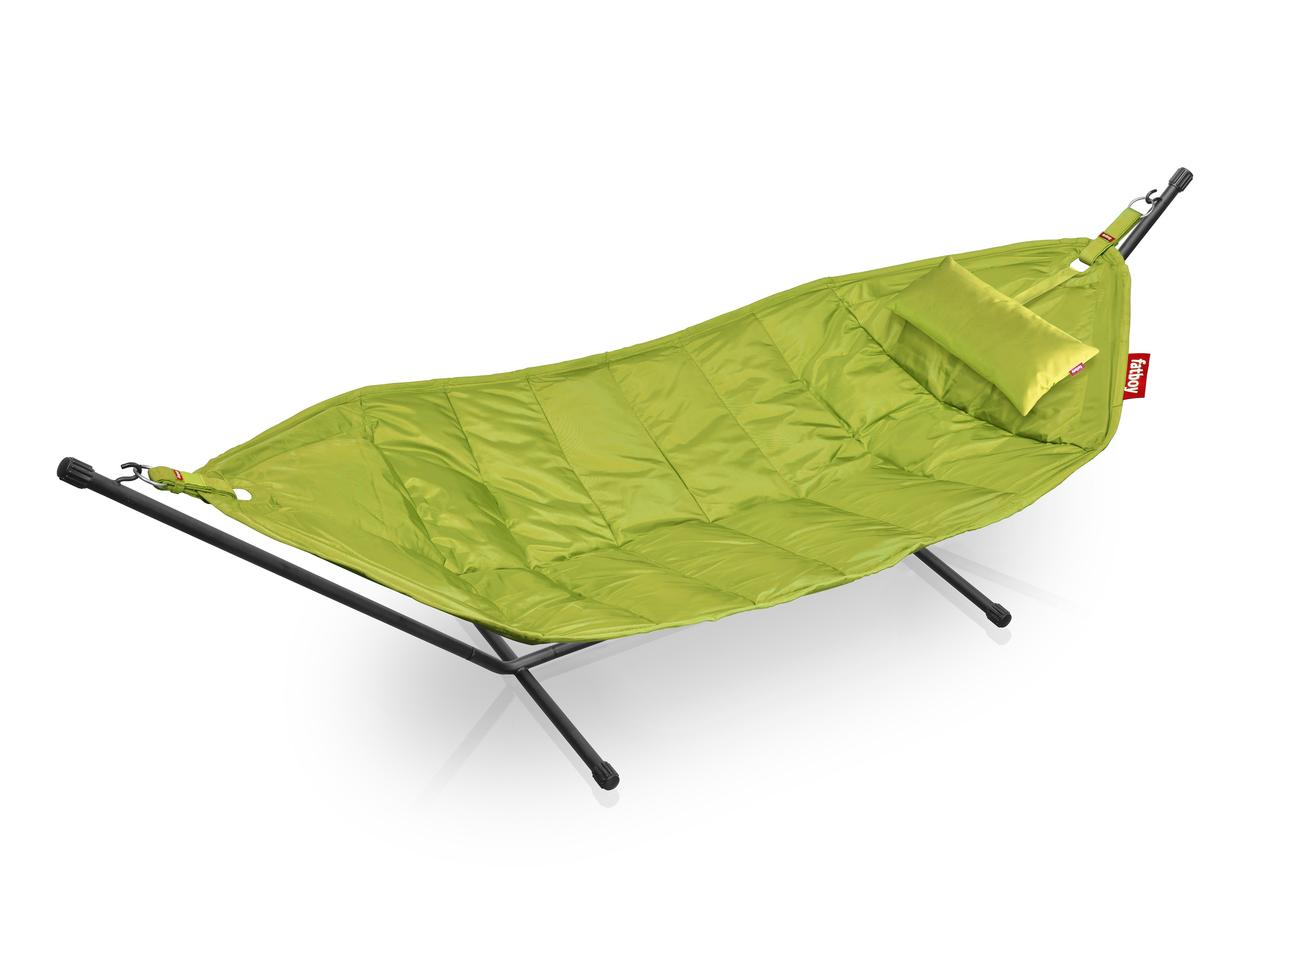 https://www.fundesign.nl/media/catalog/product/h/e/headdemock_pillow_limegreen.jpg